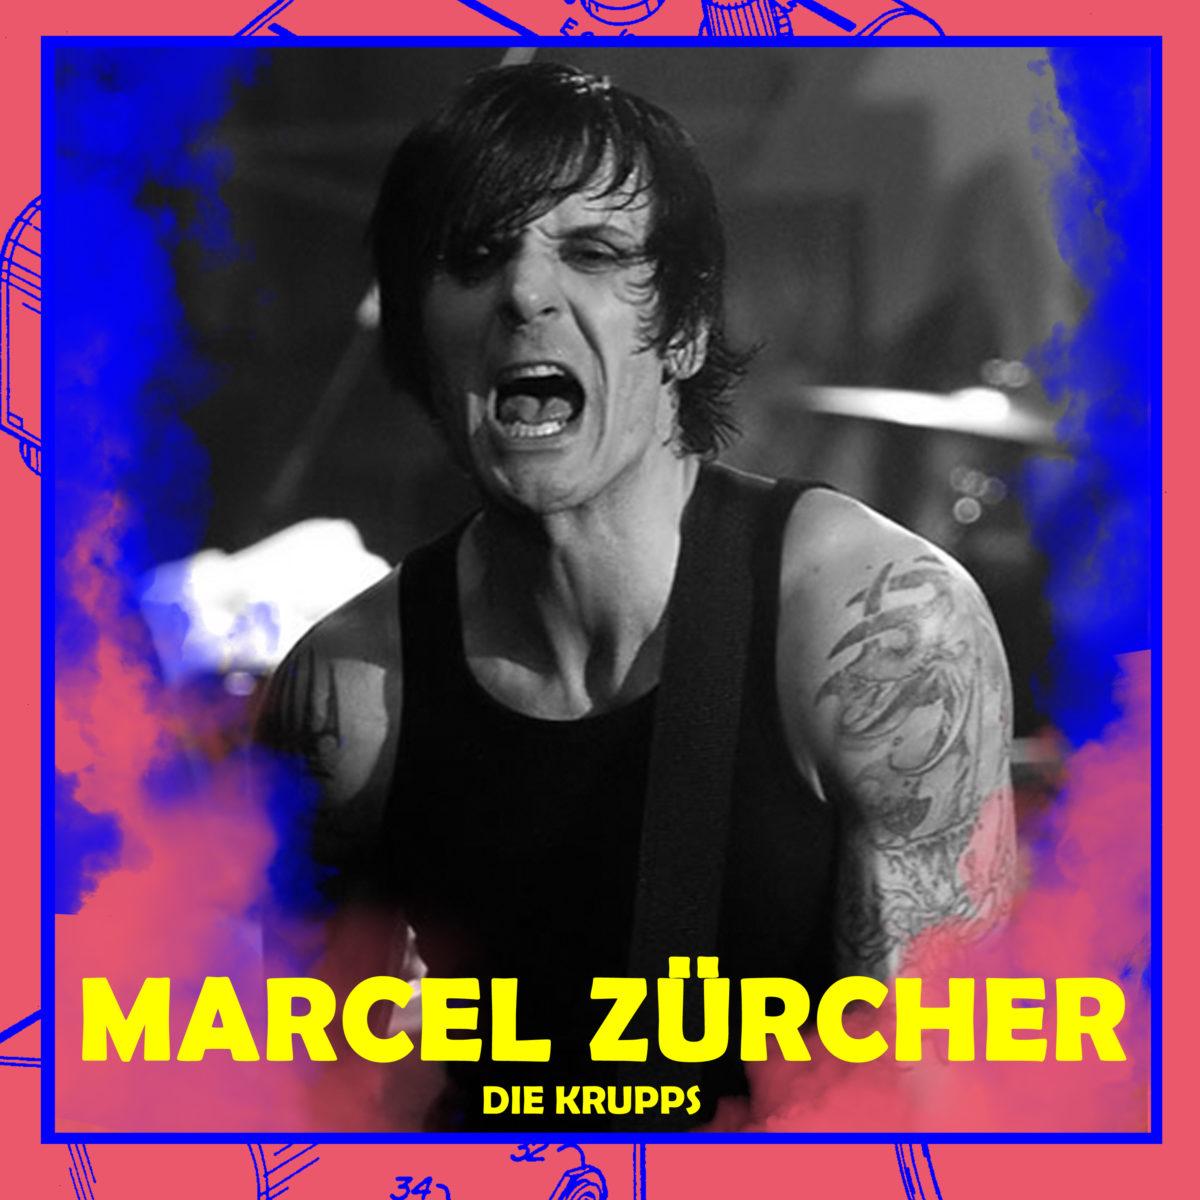 Marcel Zürcher (Die Krupps)